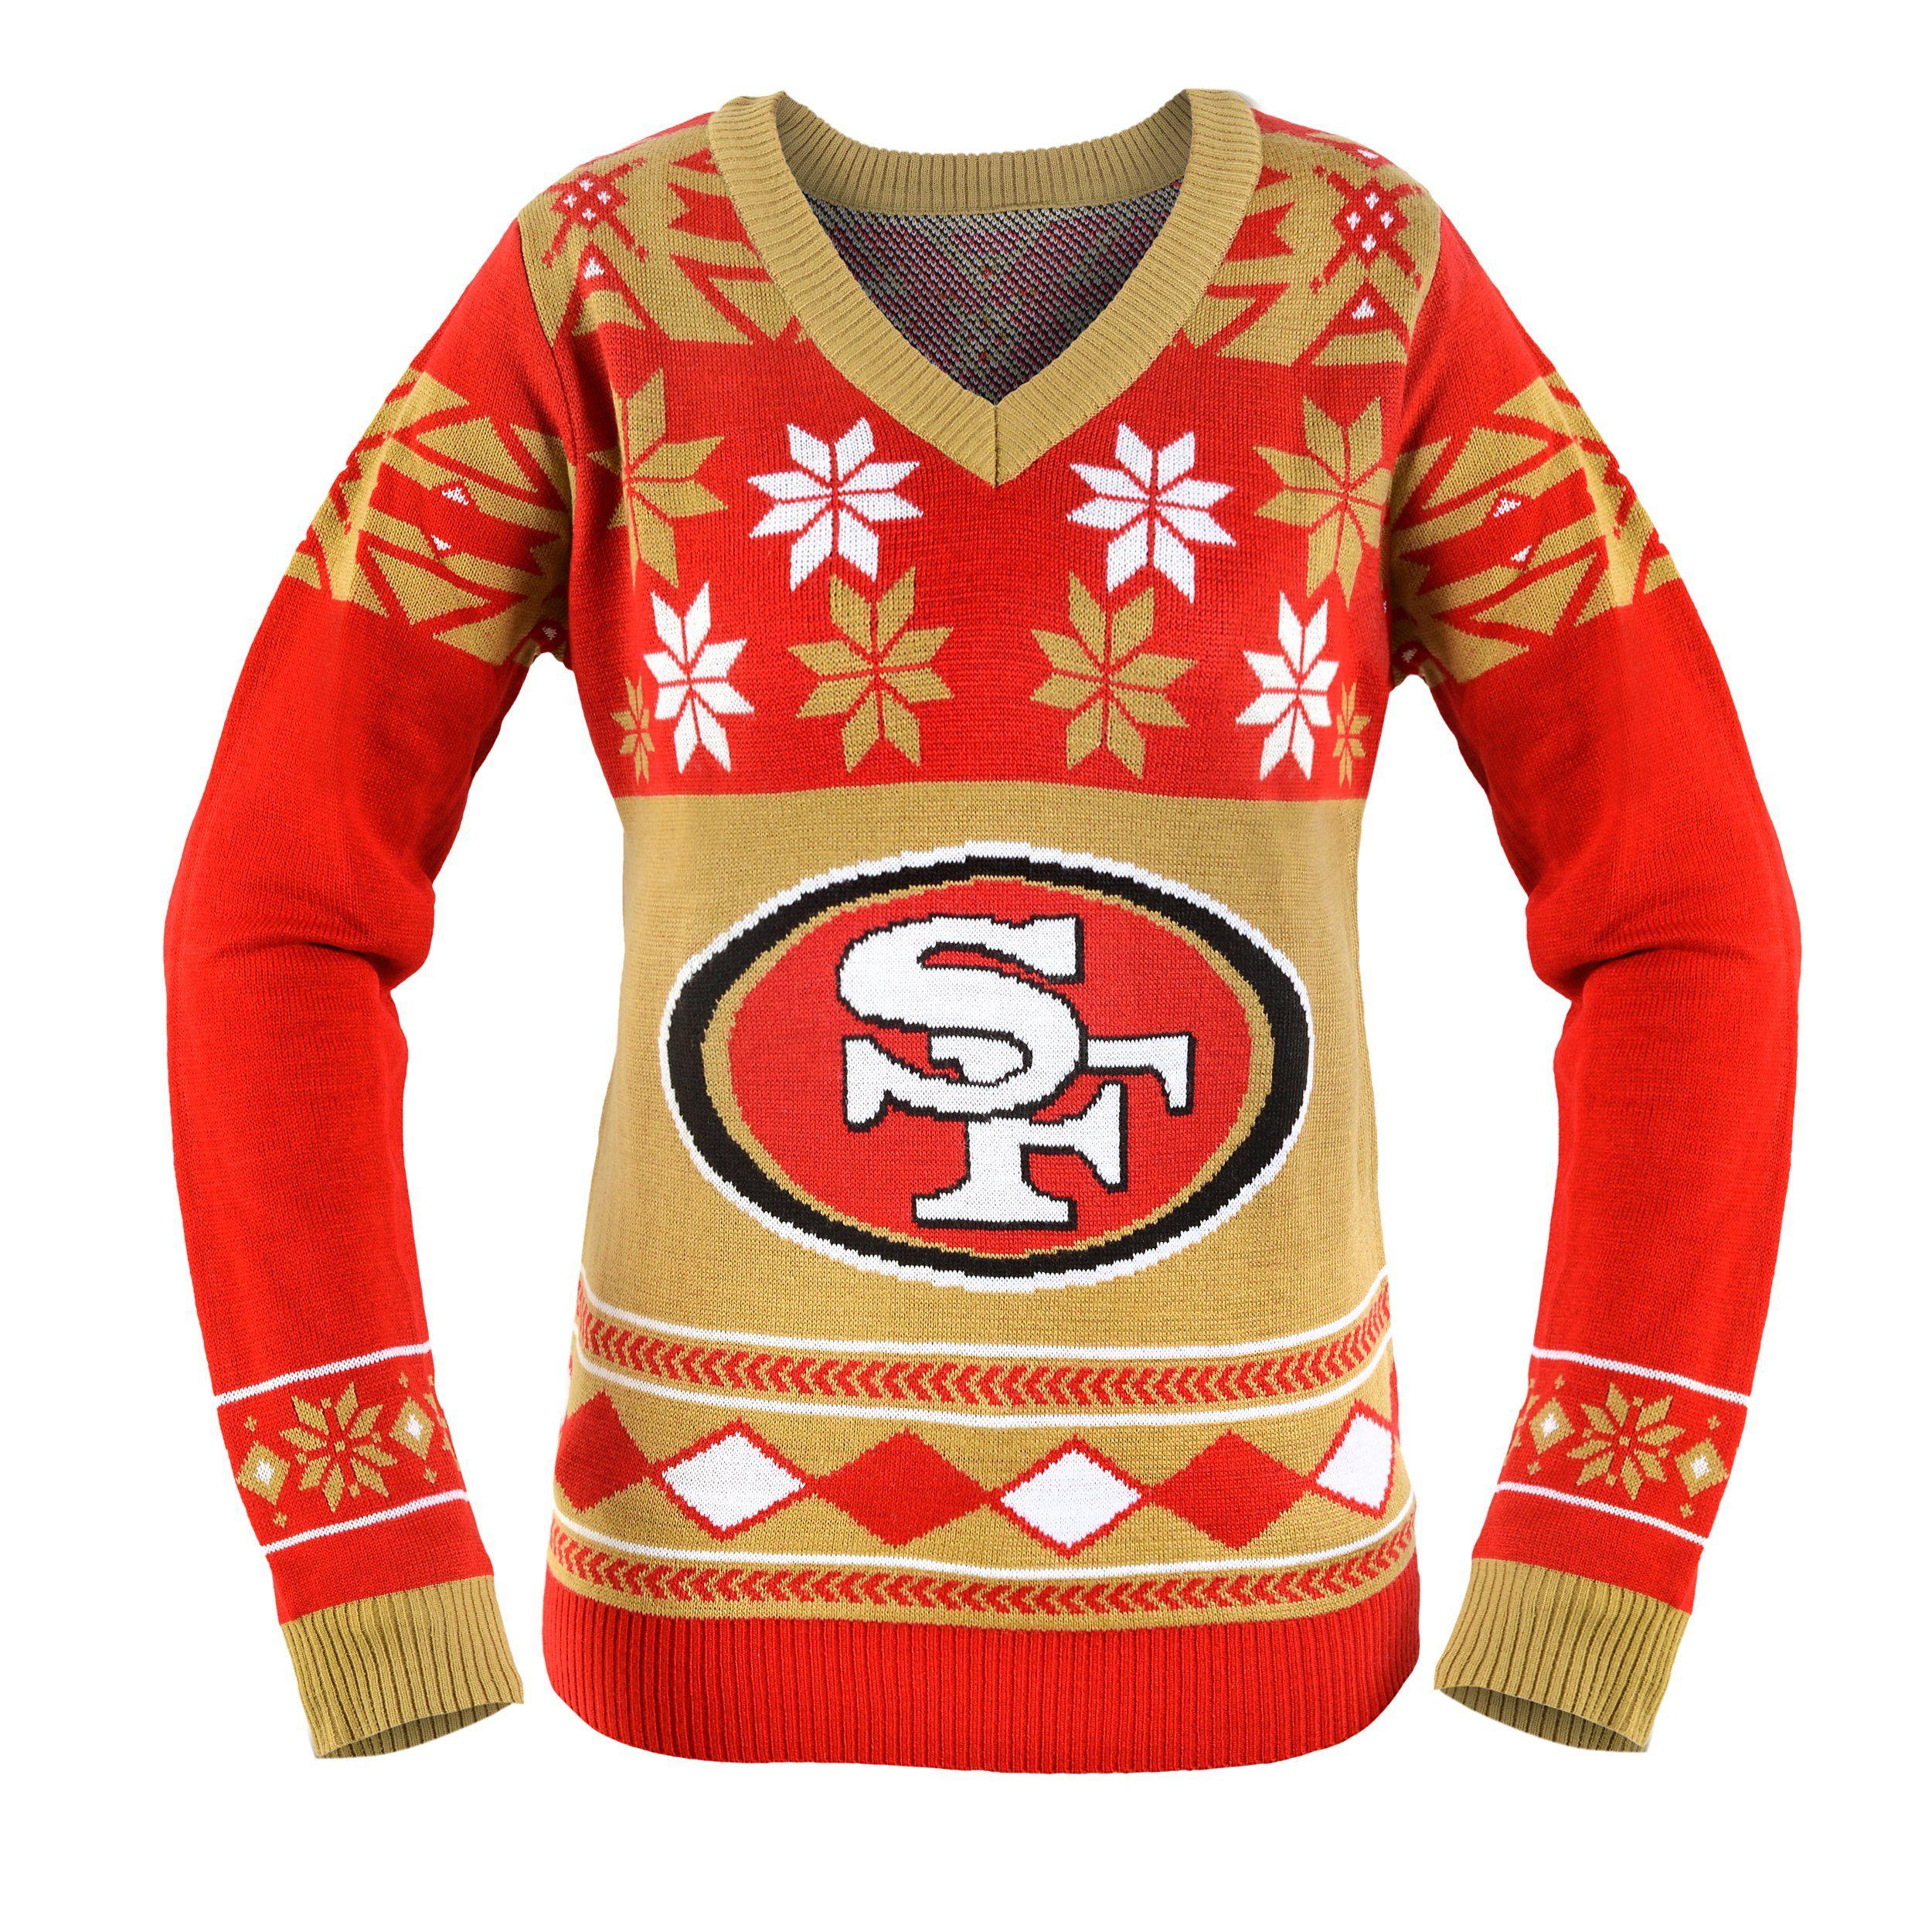 Evening dress long sleeve 49ers